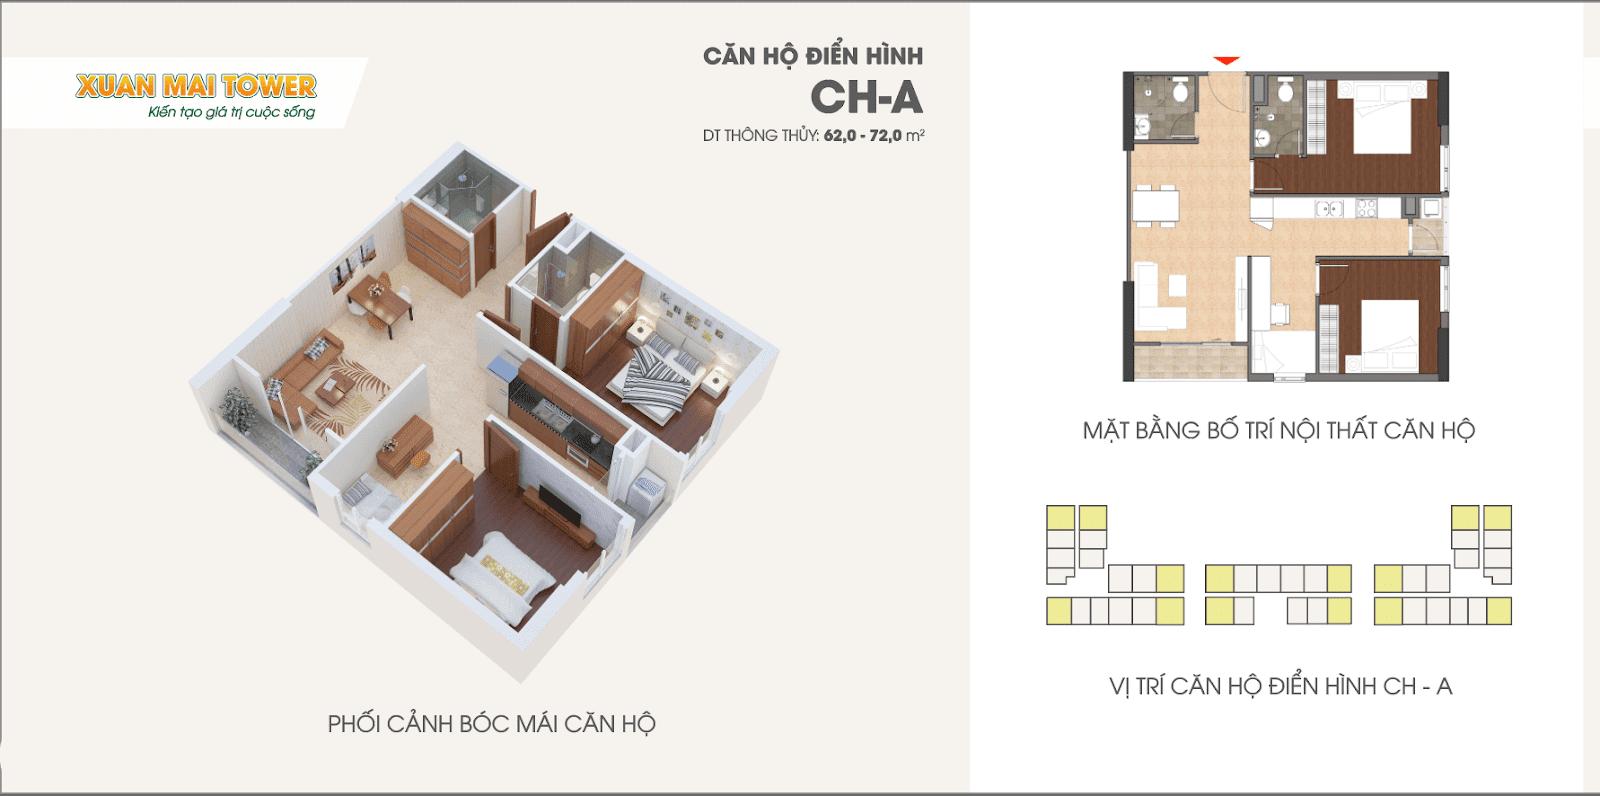 Căn hộ điển hình CH-A dự án Xuân Mai Tower